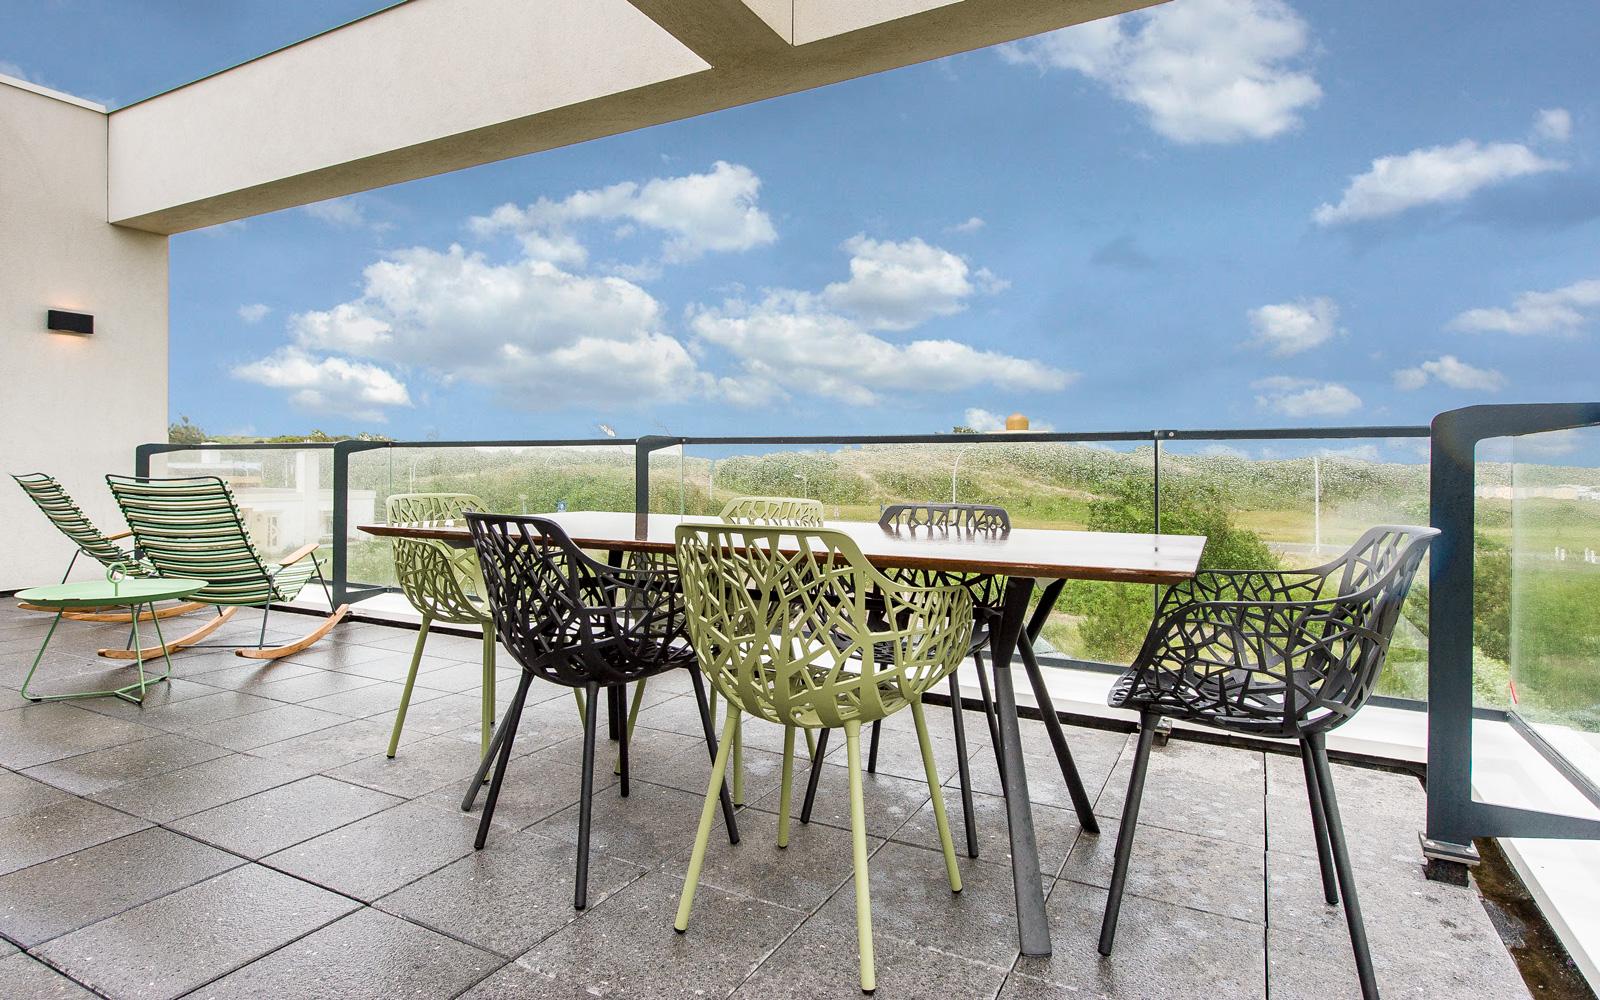 Noort Interieur heeft de designmeubelen verzorgd die op het ruime terras staan.